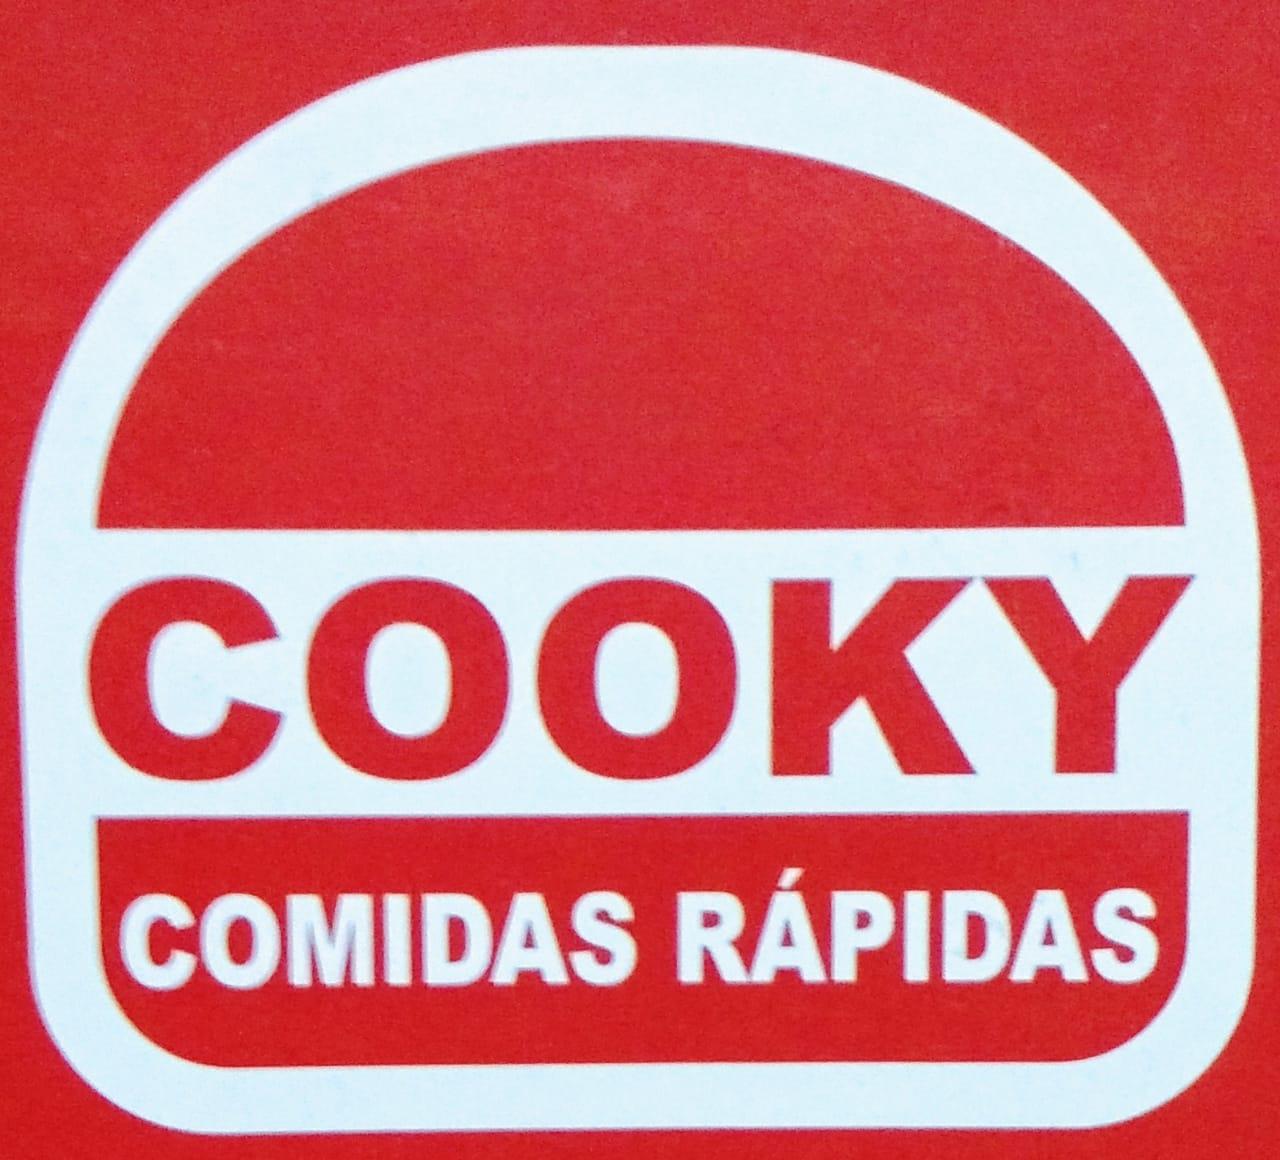 Cooky Comidas Rápidas